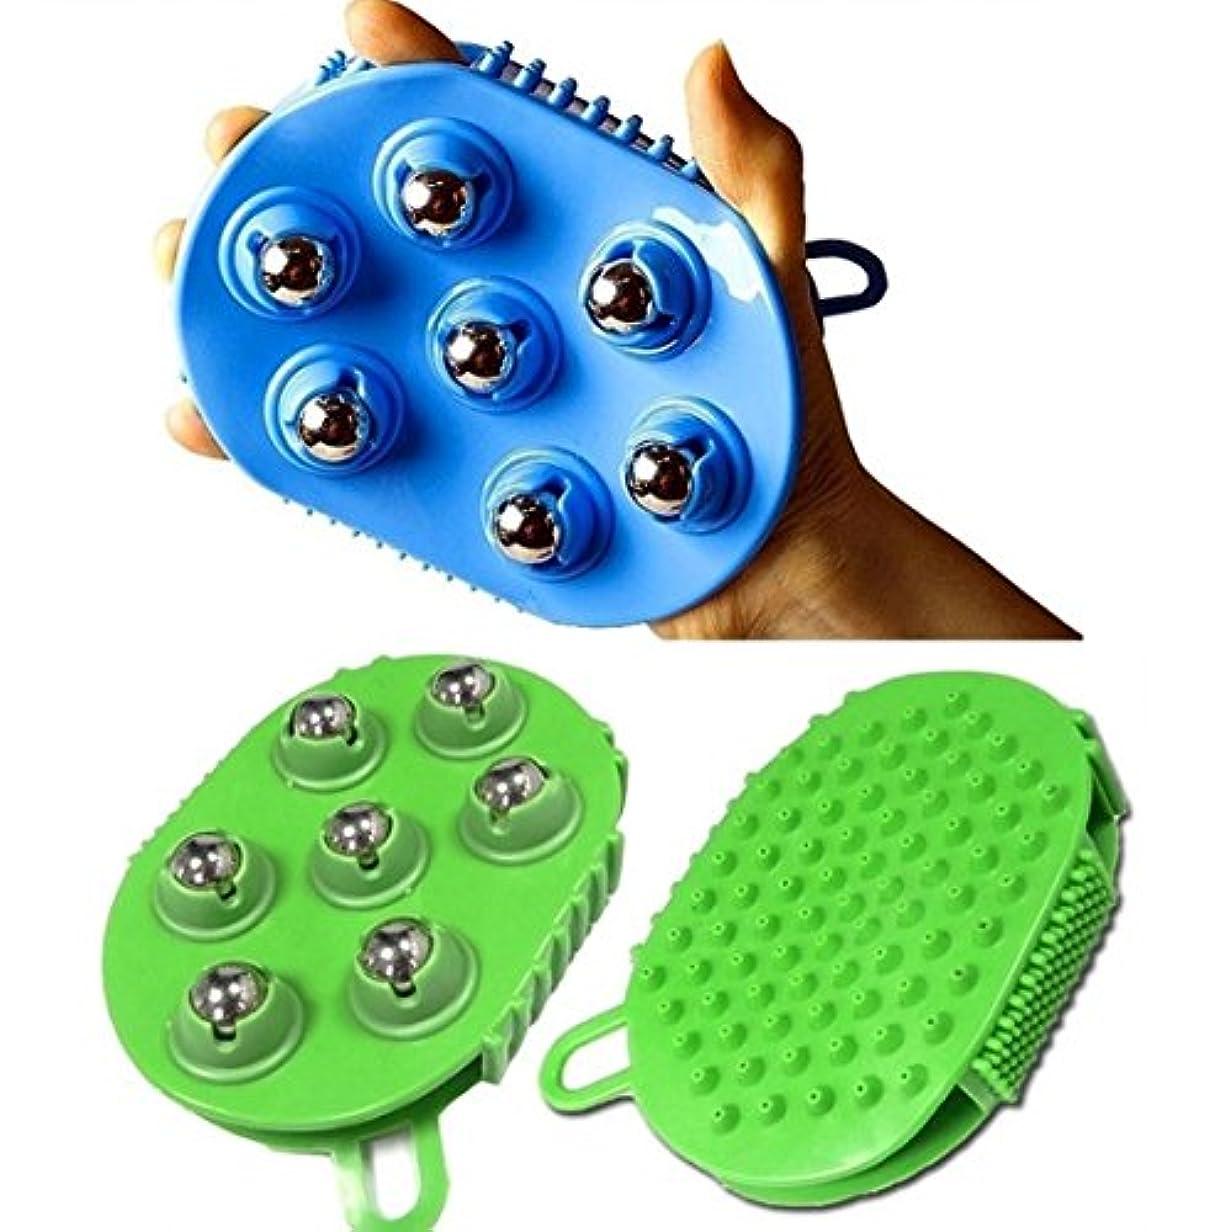 実現可能性指紋あいにくステンレススチールボールマッサージブラシグローブ7ローリング 360度回転 / Stainless steel Ball Massage Brush Glove 7 Rolling 360 degree rotation...